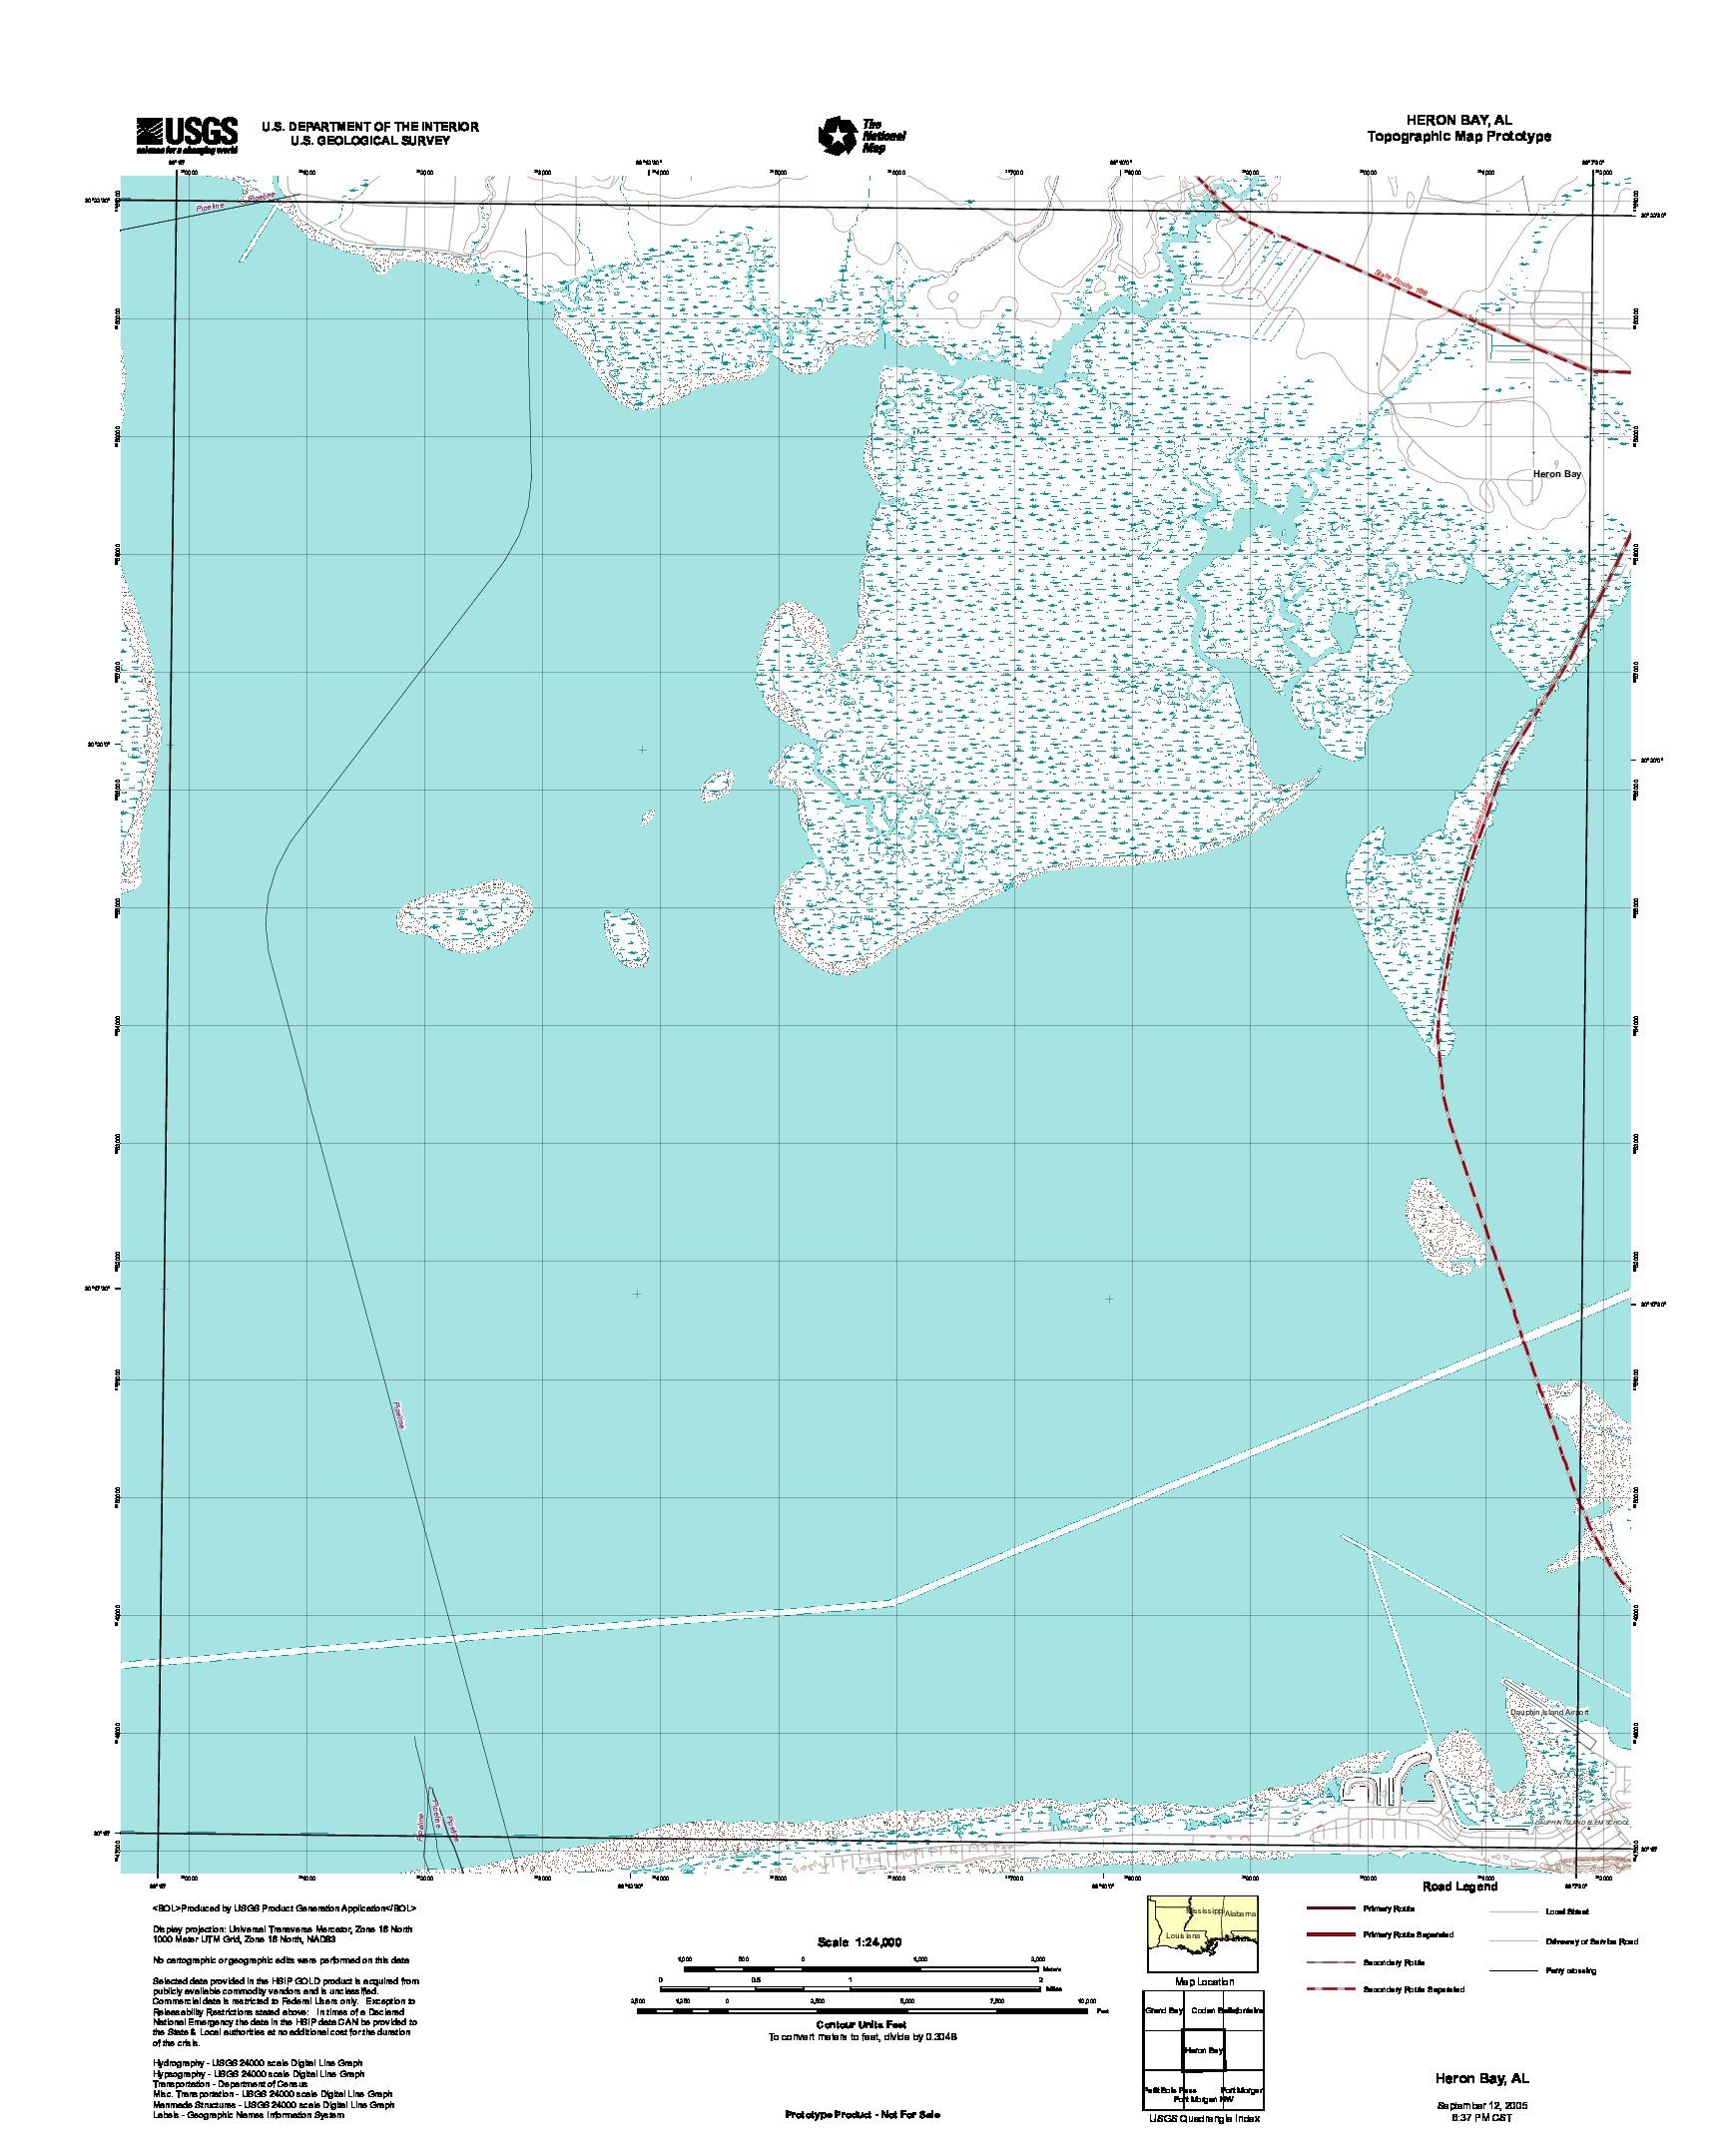 Prototipo de Mapa Topográfico de Heron Bay, Alabama, Estados Unidos, Septiembre 12, 2005